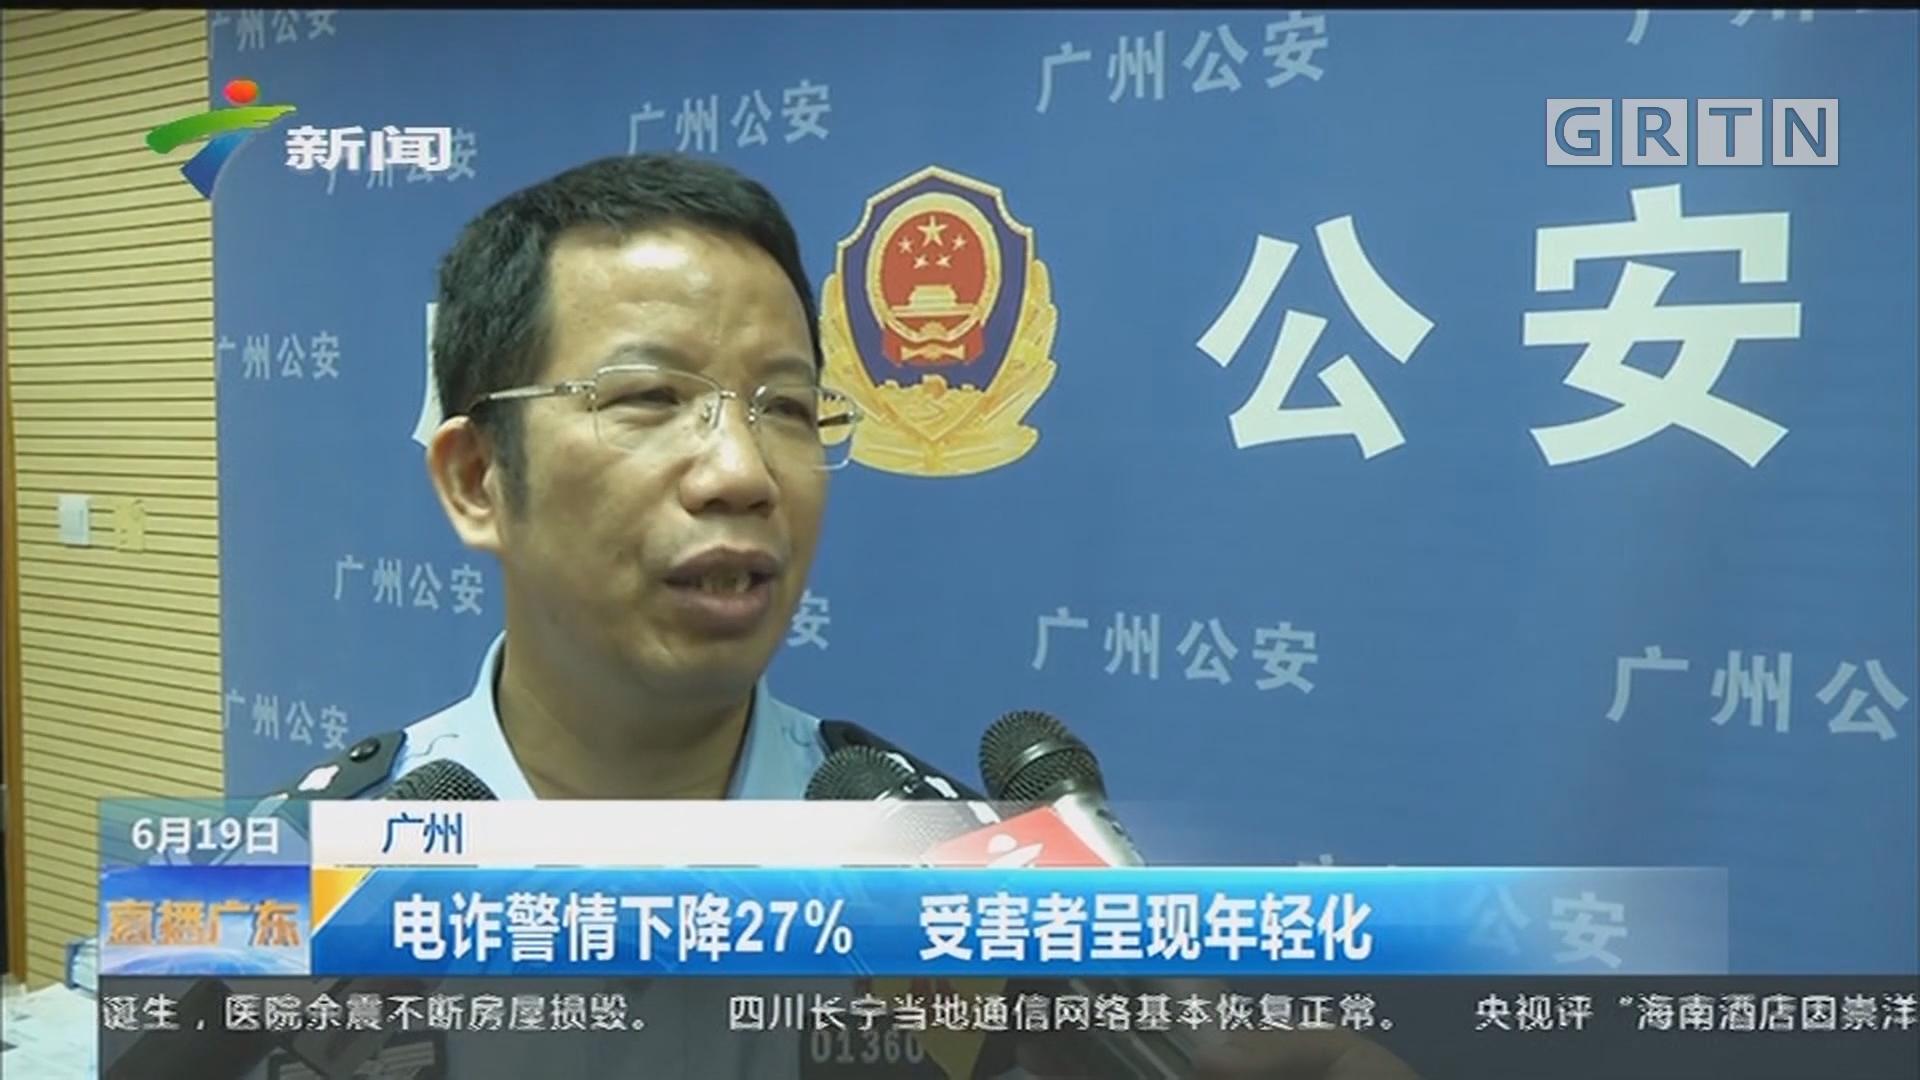 广州:电诈警情下降27% 受害者呈现年轻化